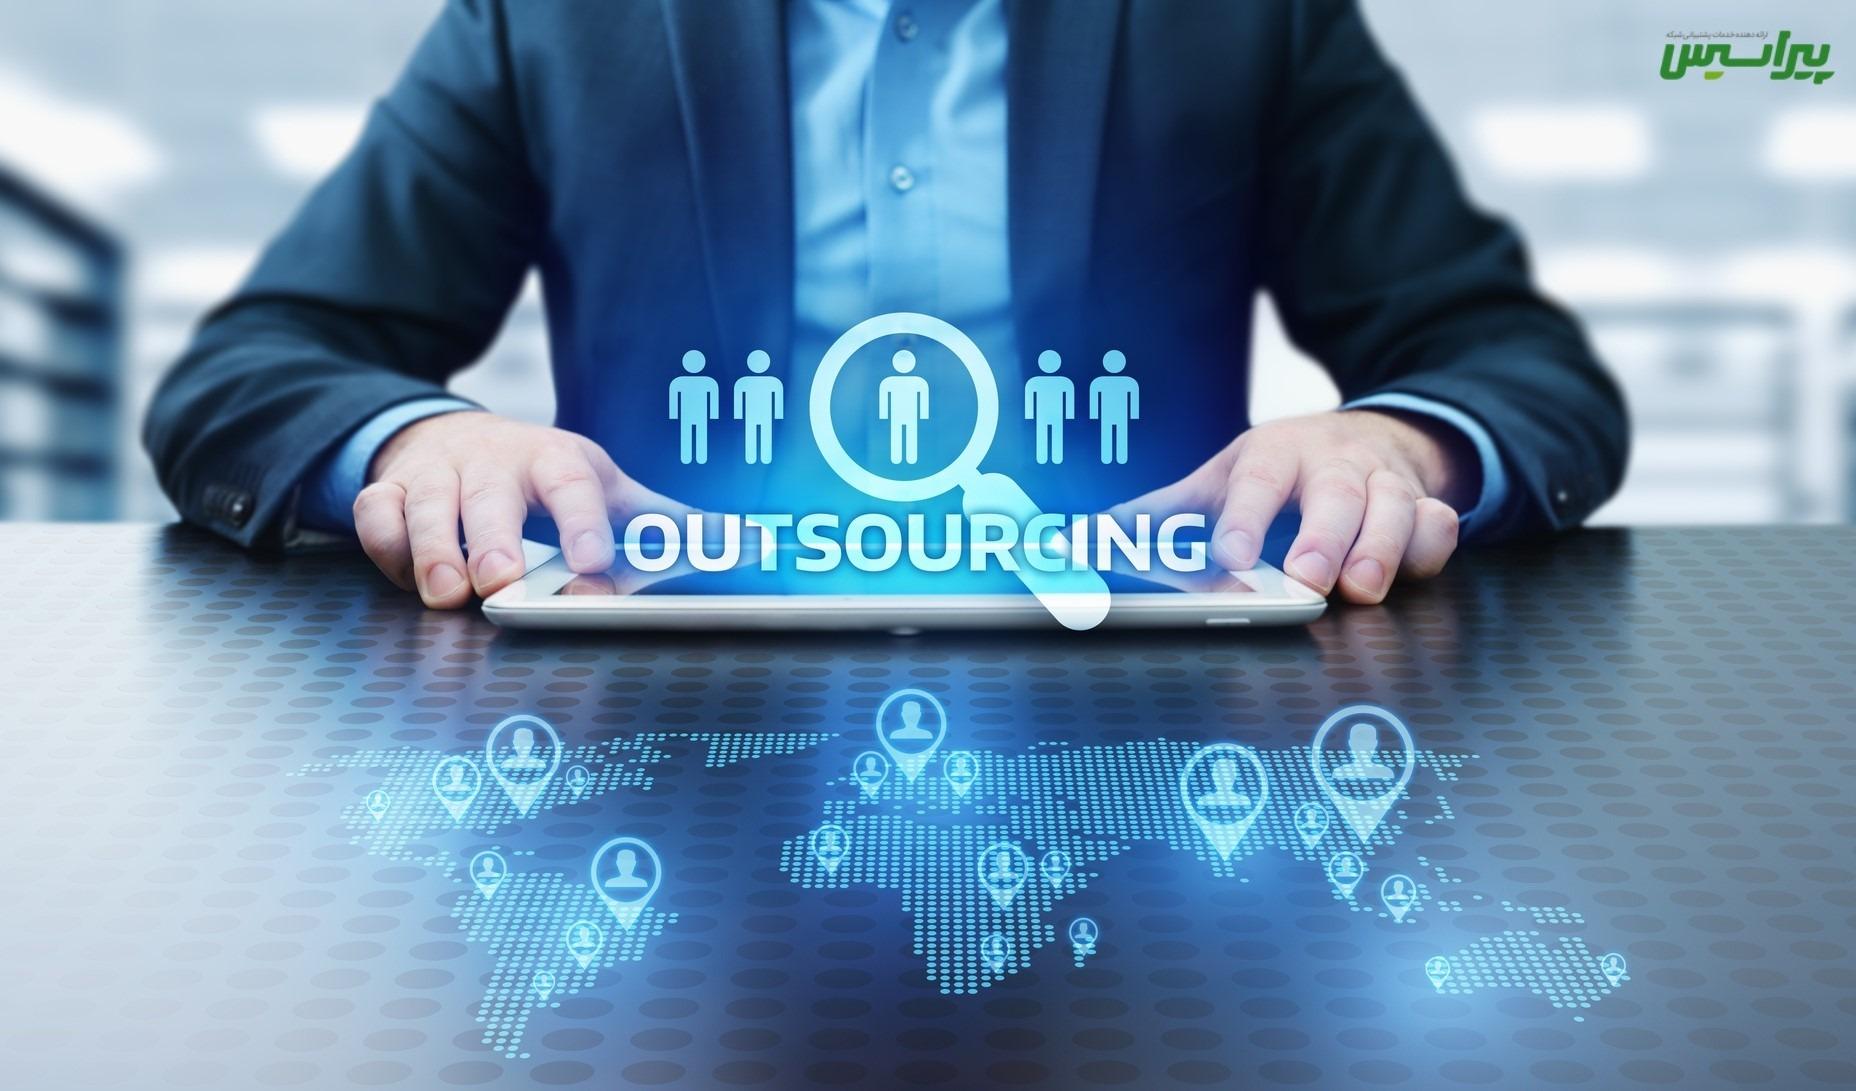 برون سپاری بخش فناوری اطلاعات به یک شرکت خدمات پشتیبانی MSP